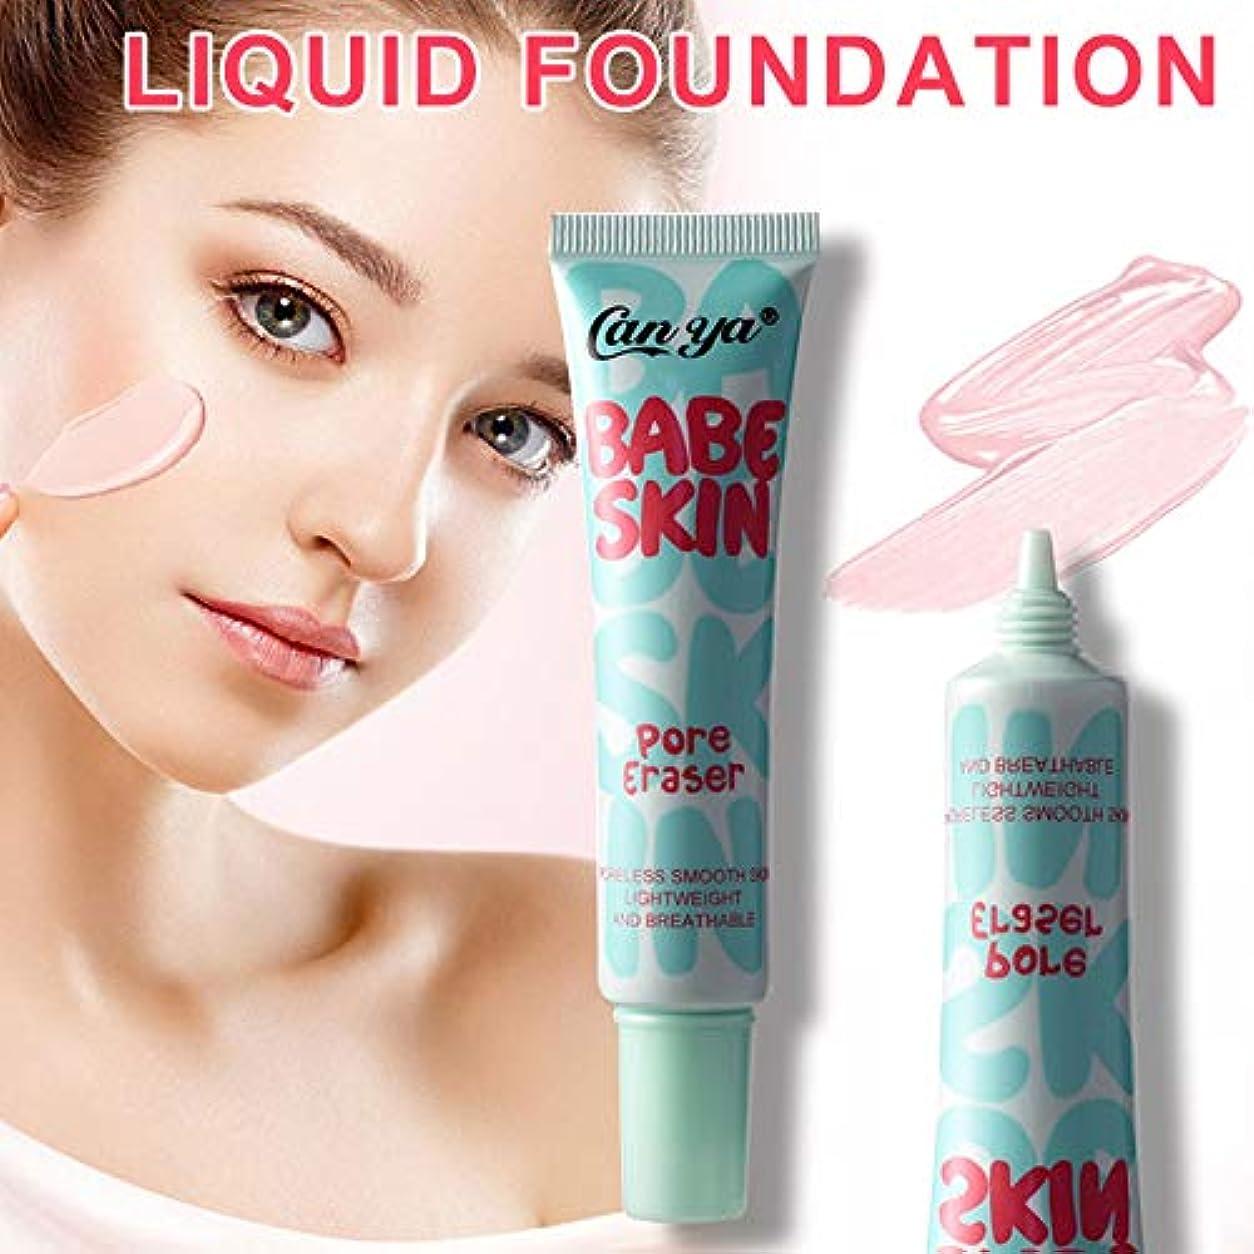 肌この立派なSymboat 乳液 顔の基礎構造 ための保湿のコンシーラーを白くする顔 プライマークリーム